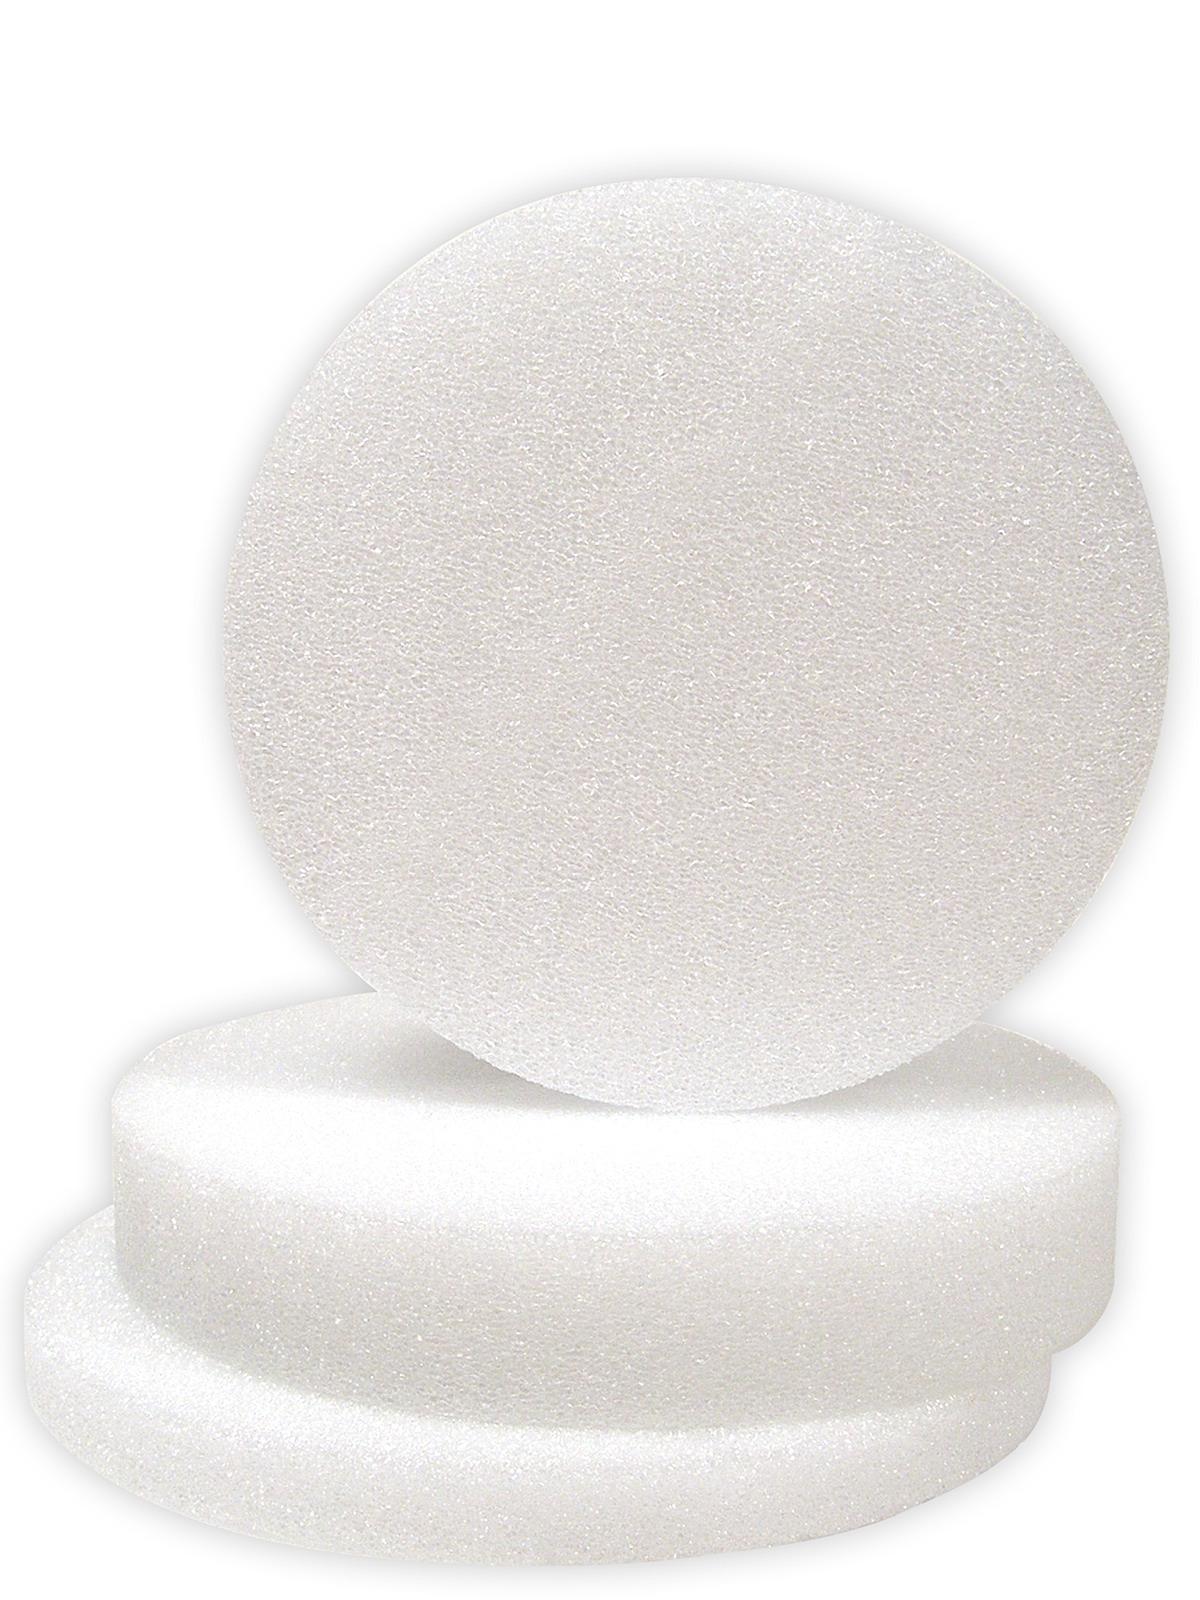 Open-Cell Foam Discs